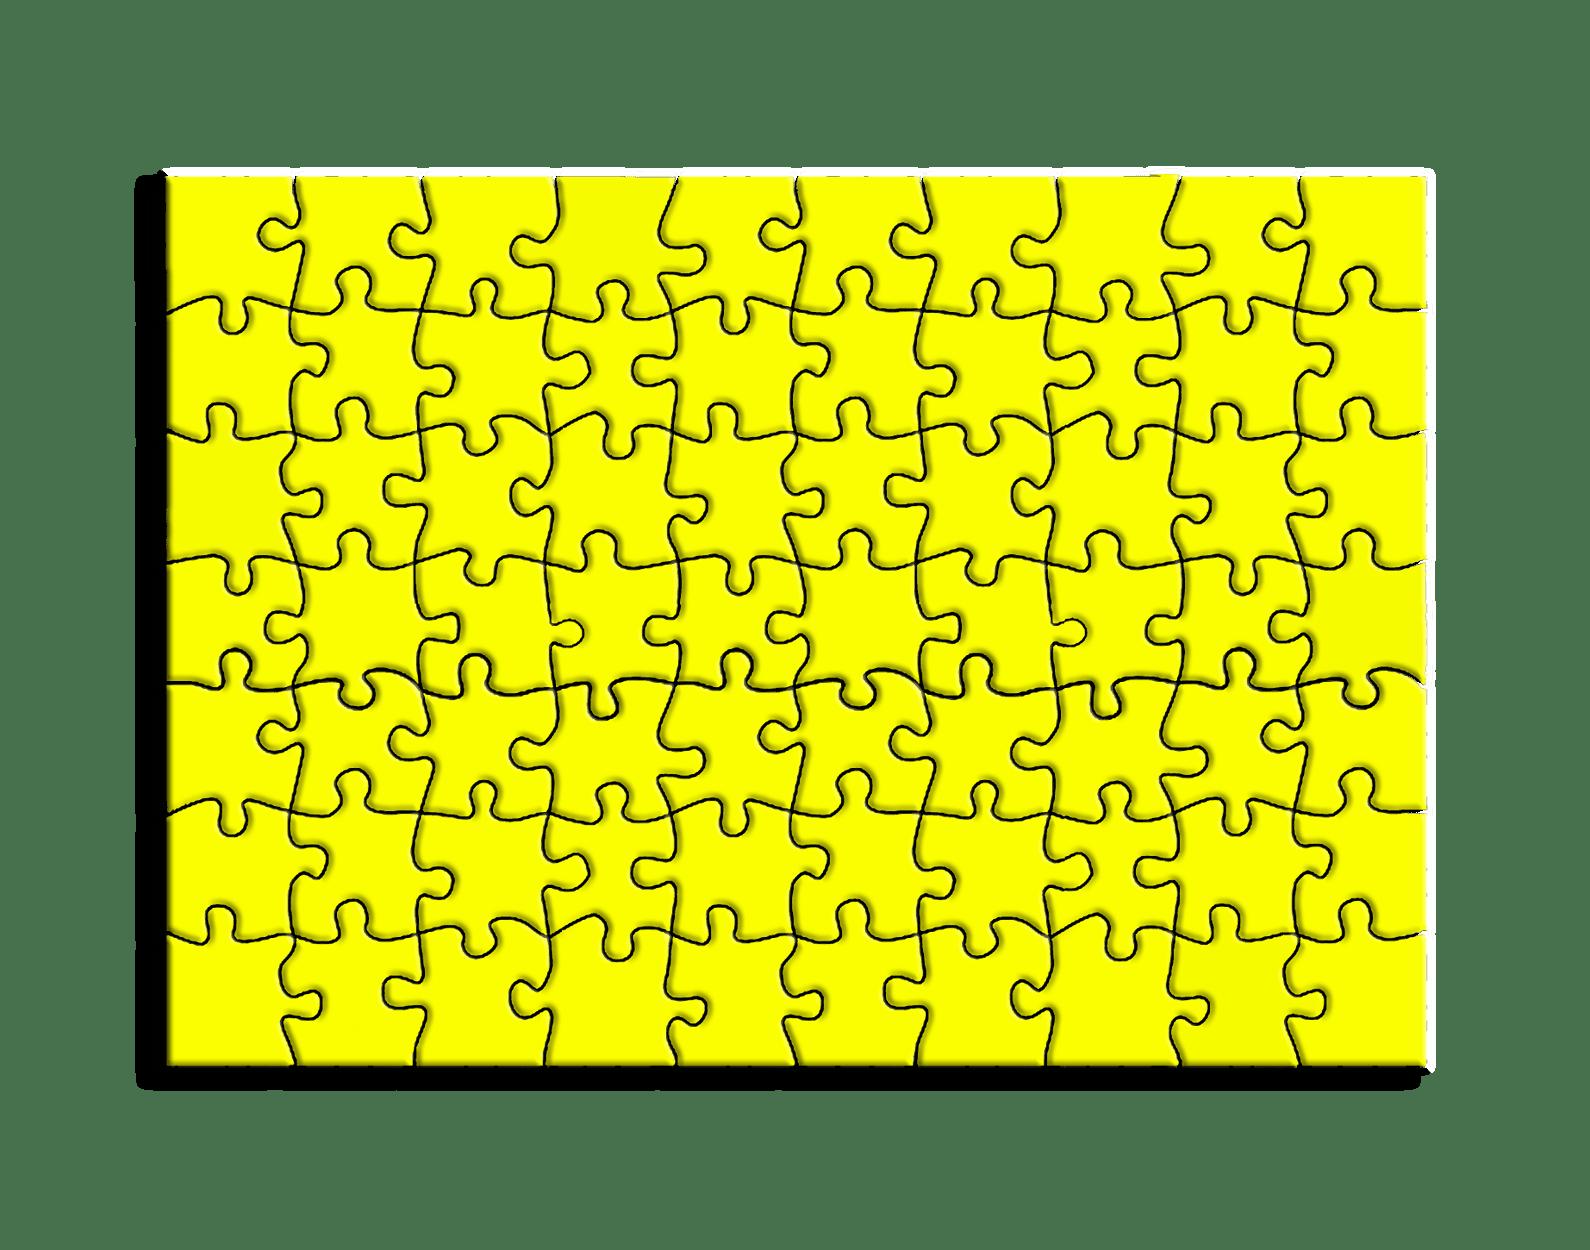 Photoshop Worksheet Lesson 9 Puzzle Piece Edge